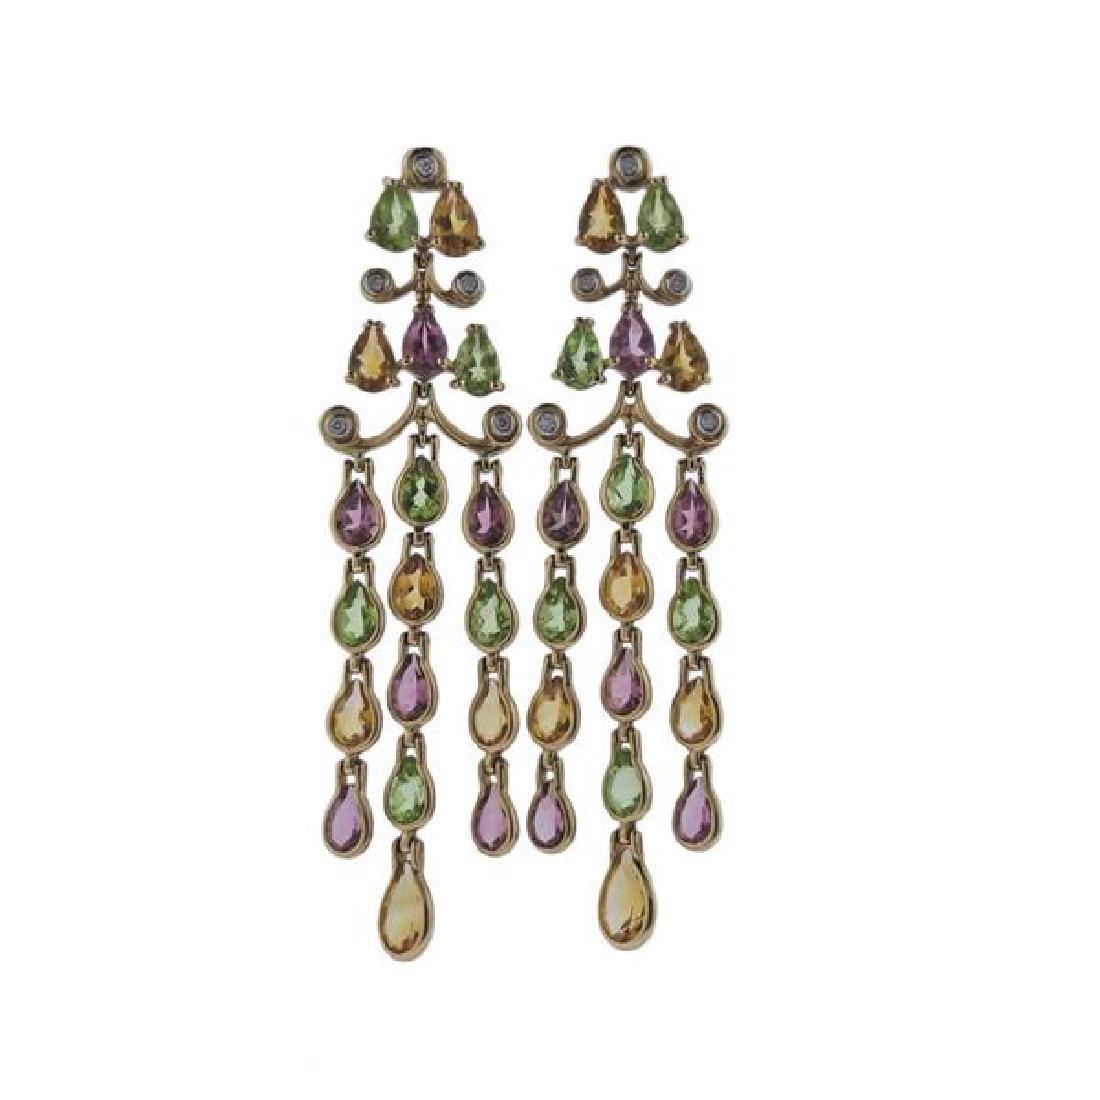 14k Gold Diamond Gemstone Chandelier Earrings